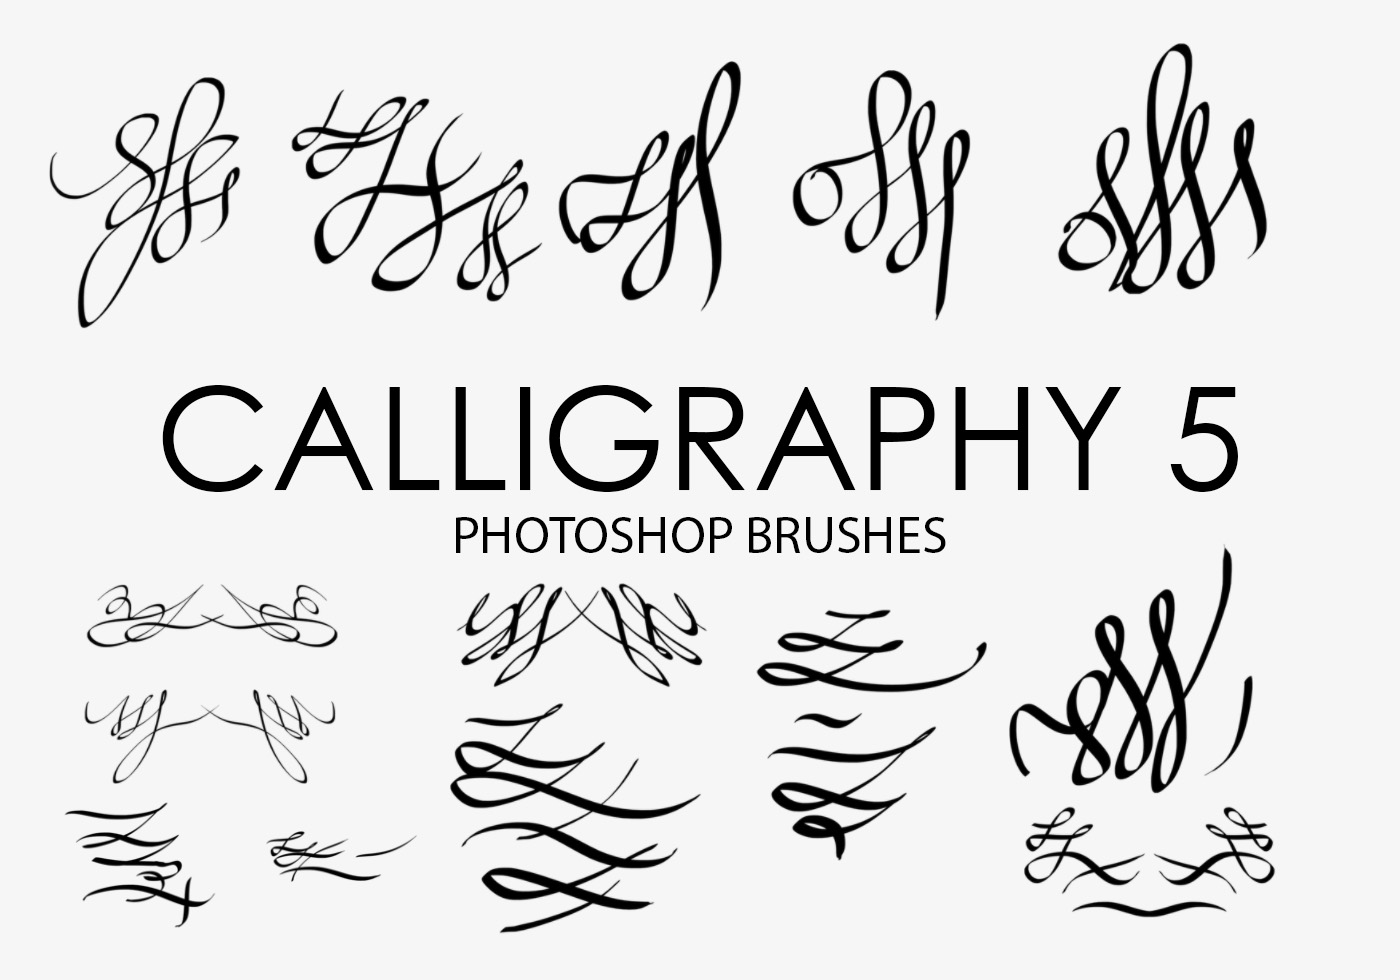 Calligraphy photoshop brushes free